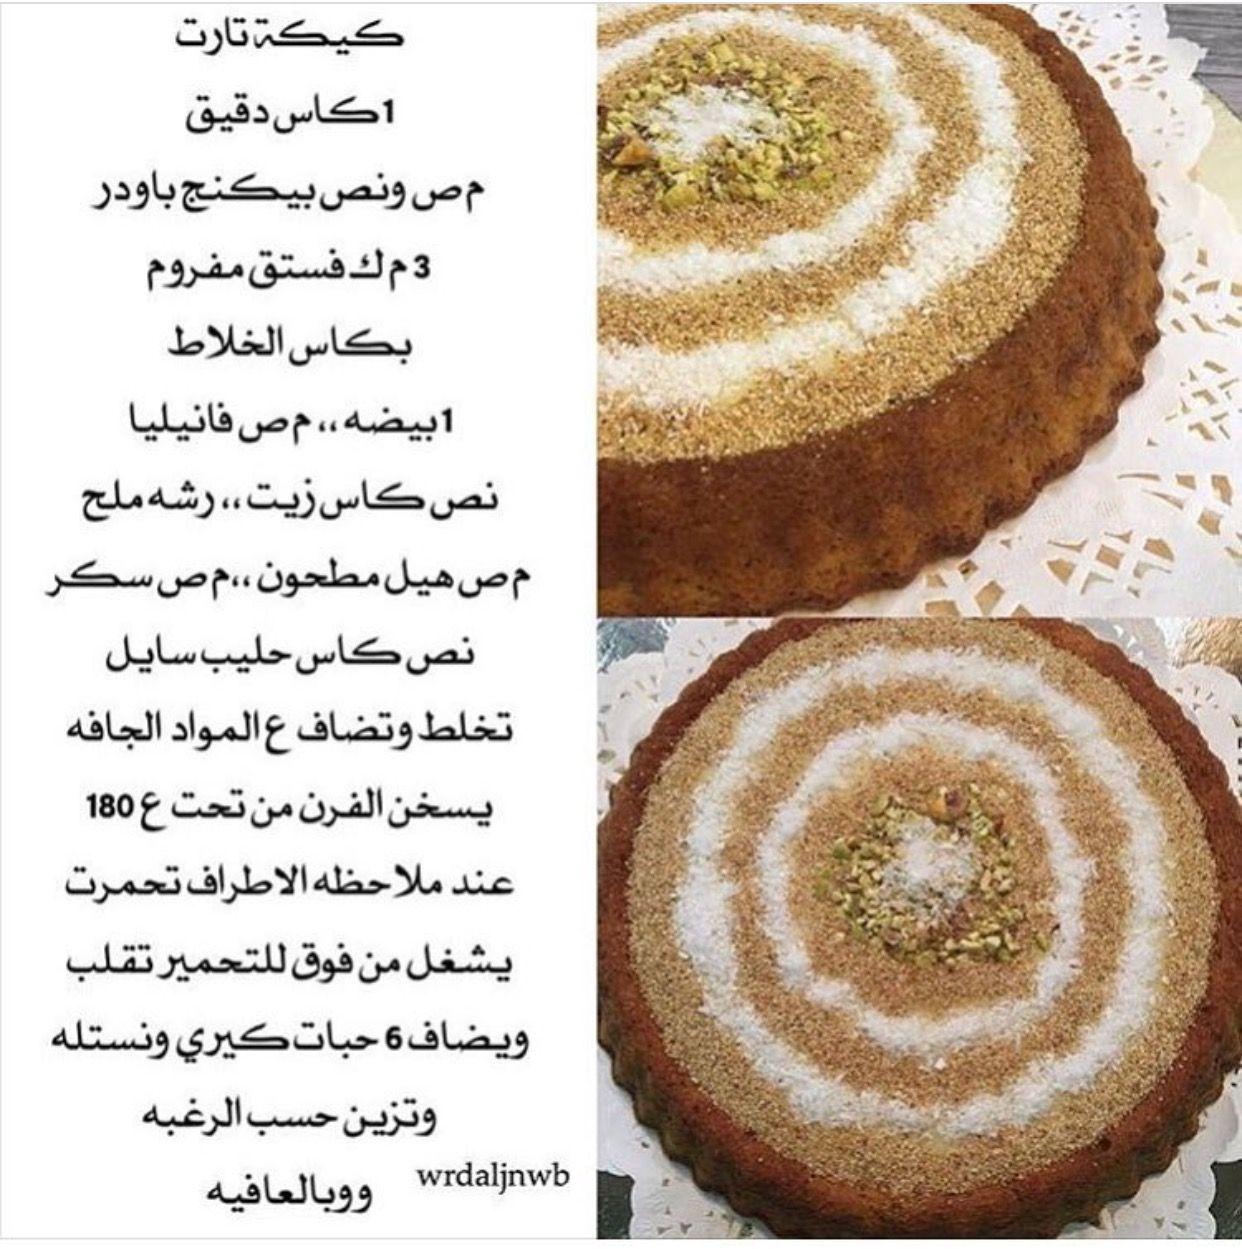 كيكة التارت Cooking Recipes Desserts Cooking Recipes Dessert Recipes